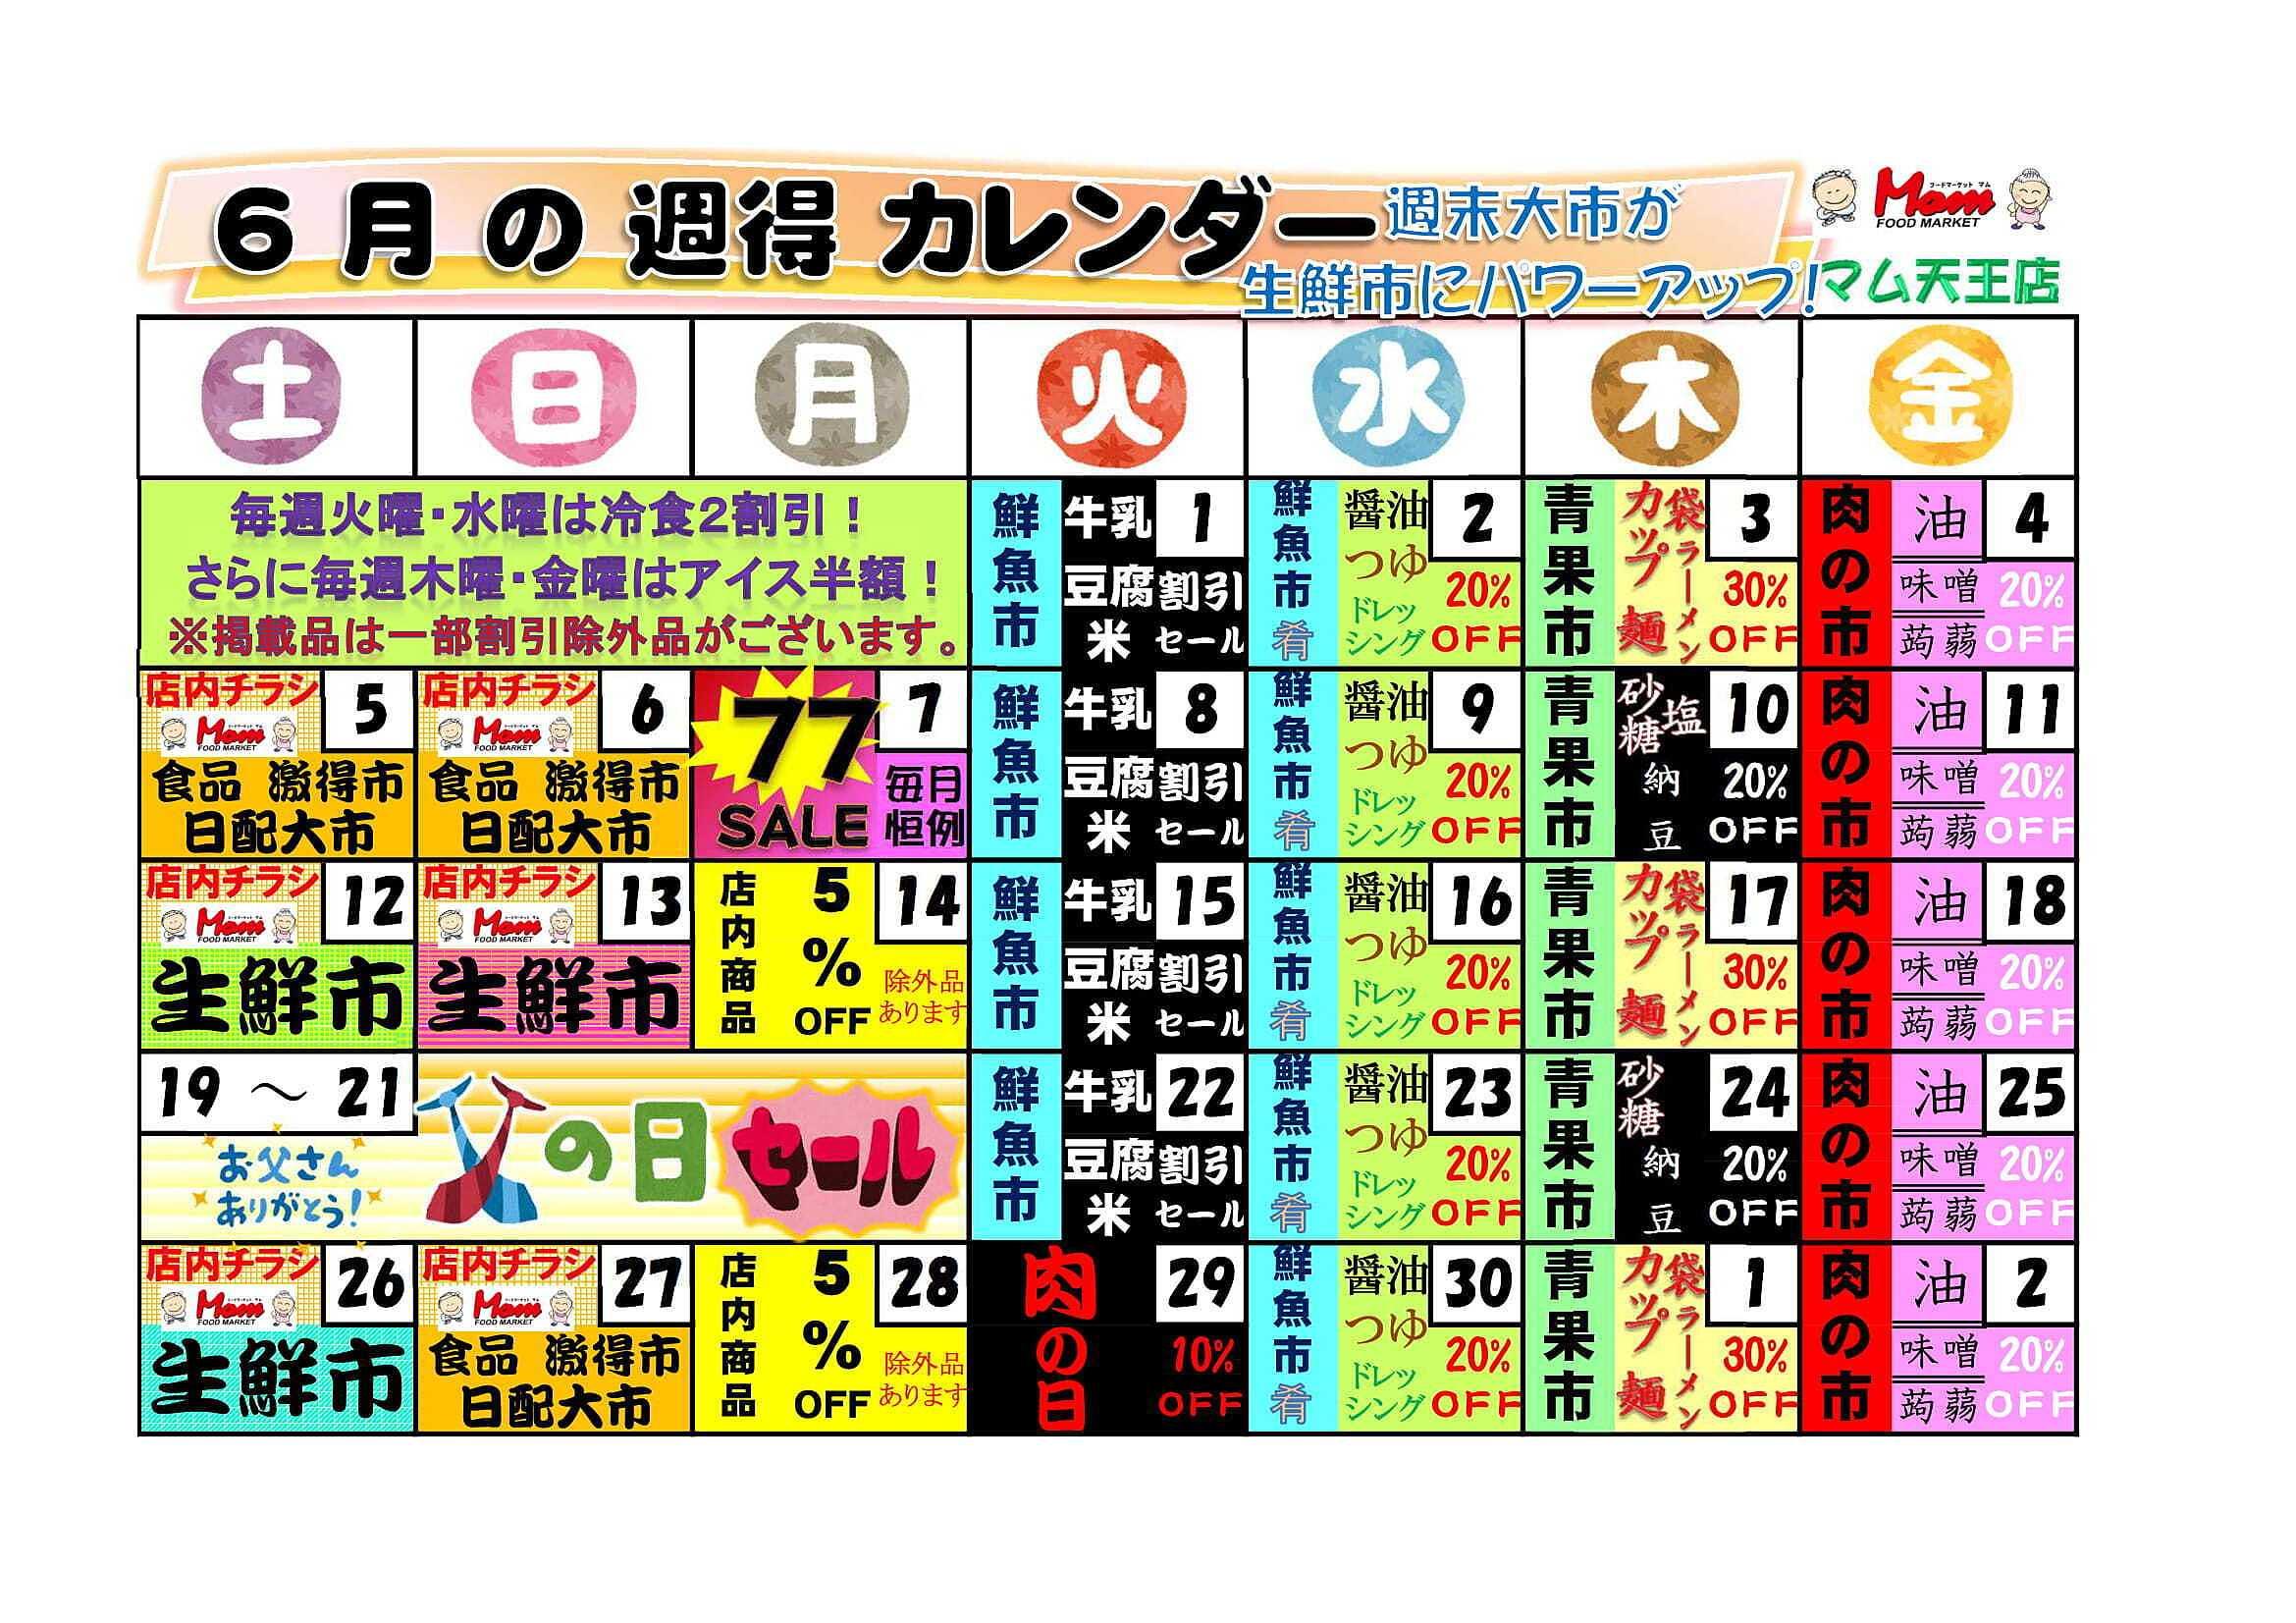 フードマーケット マム 天王 特売カレンダー